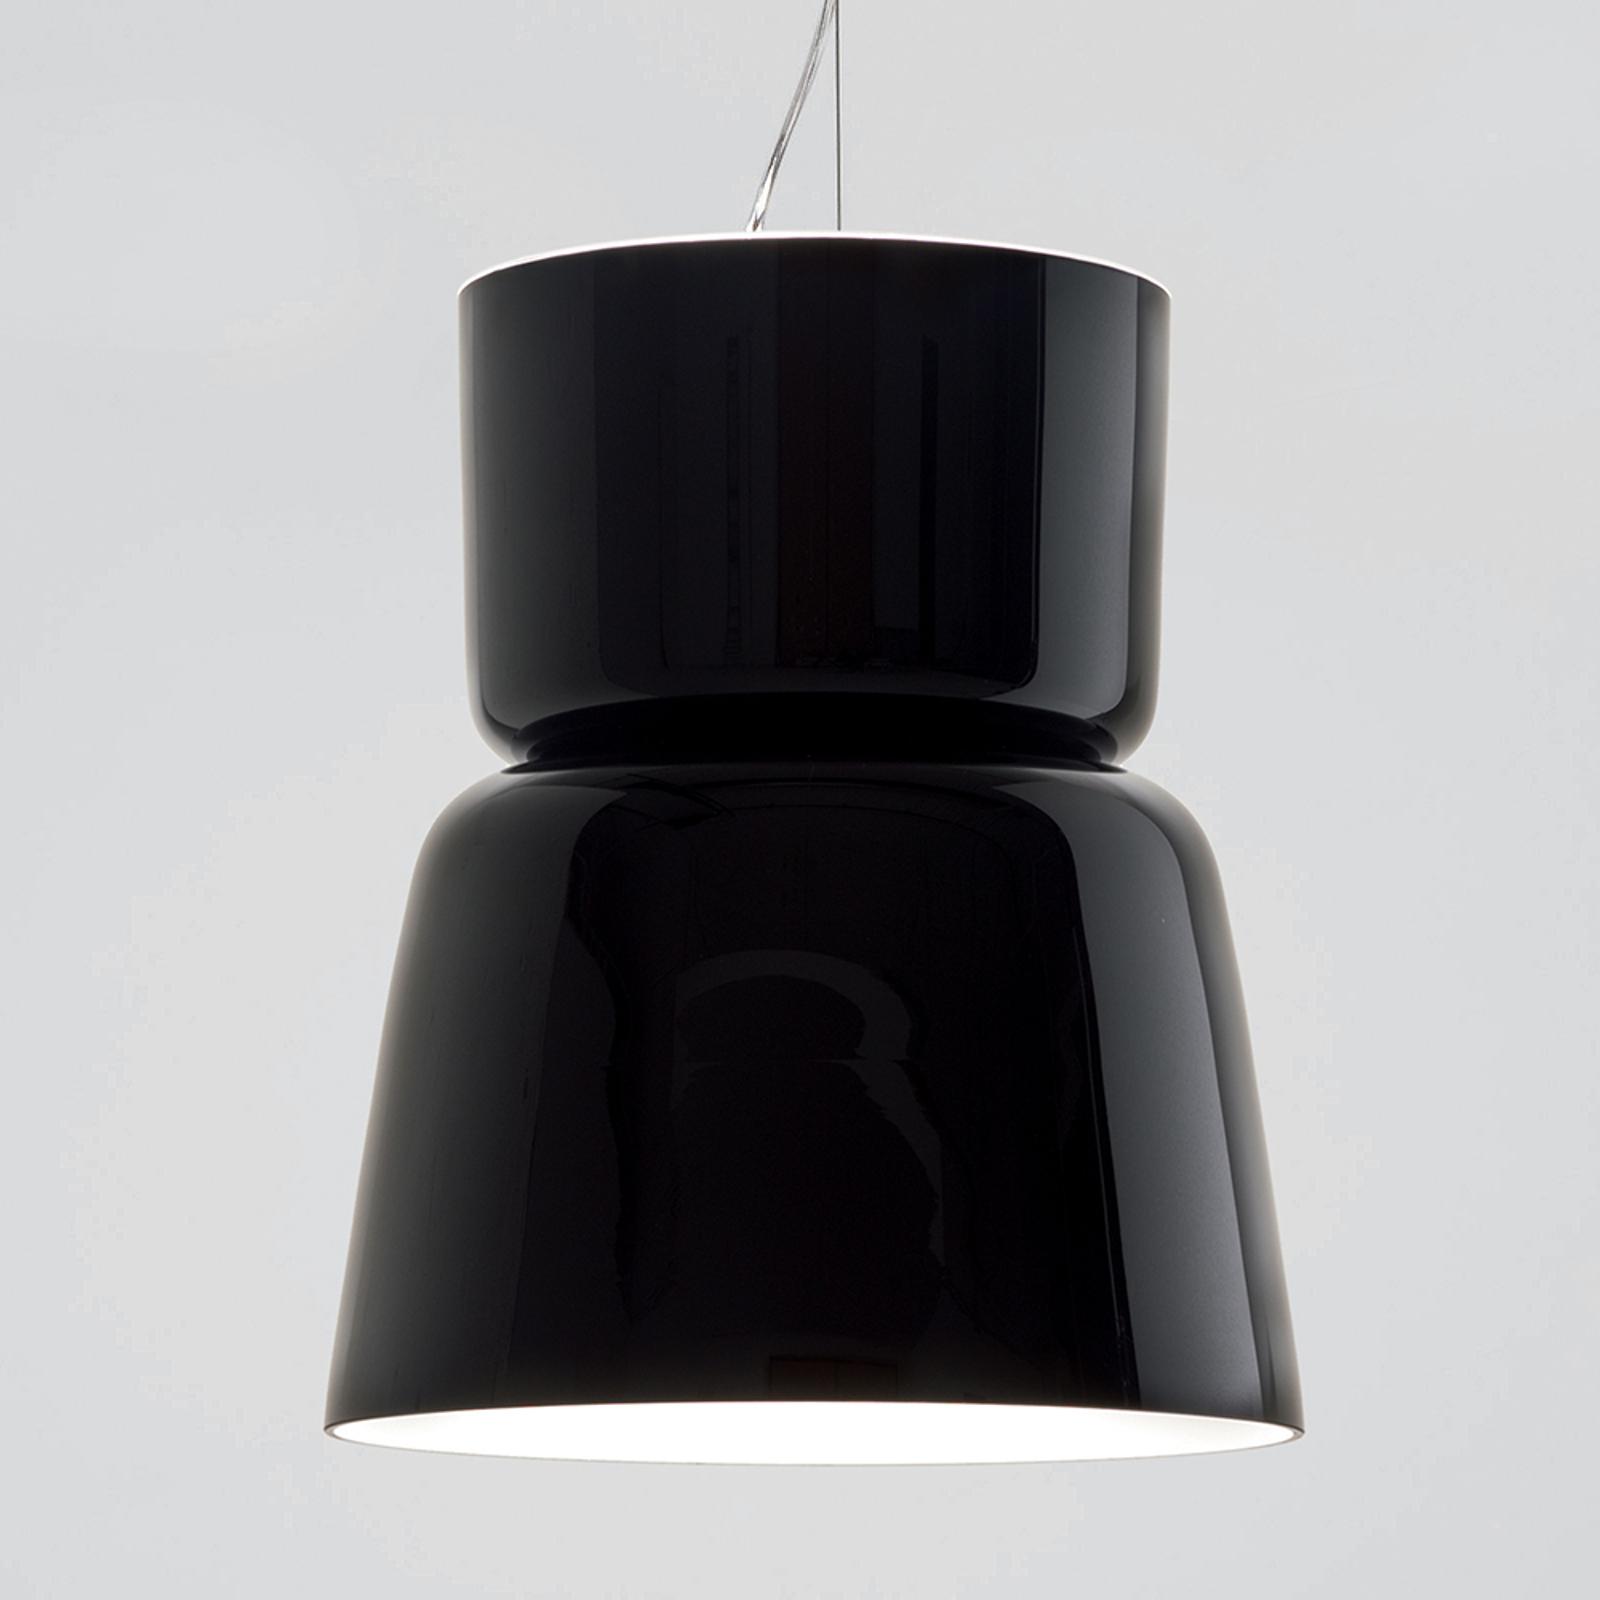 Prandina Bloom S5 riippuvalaisin, kiiltävä musta